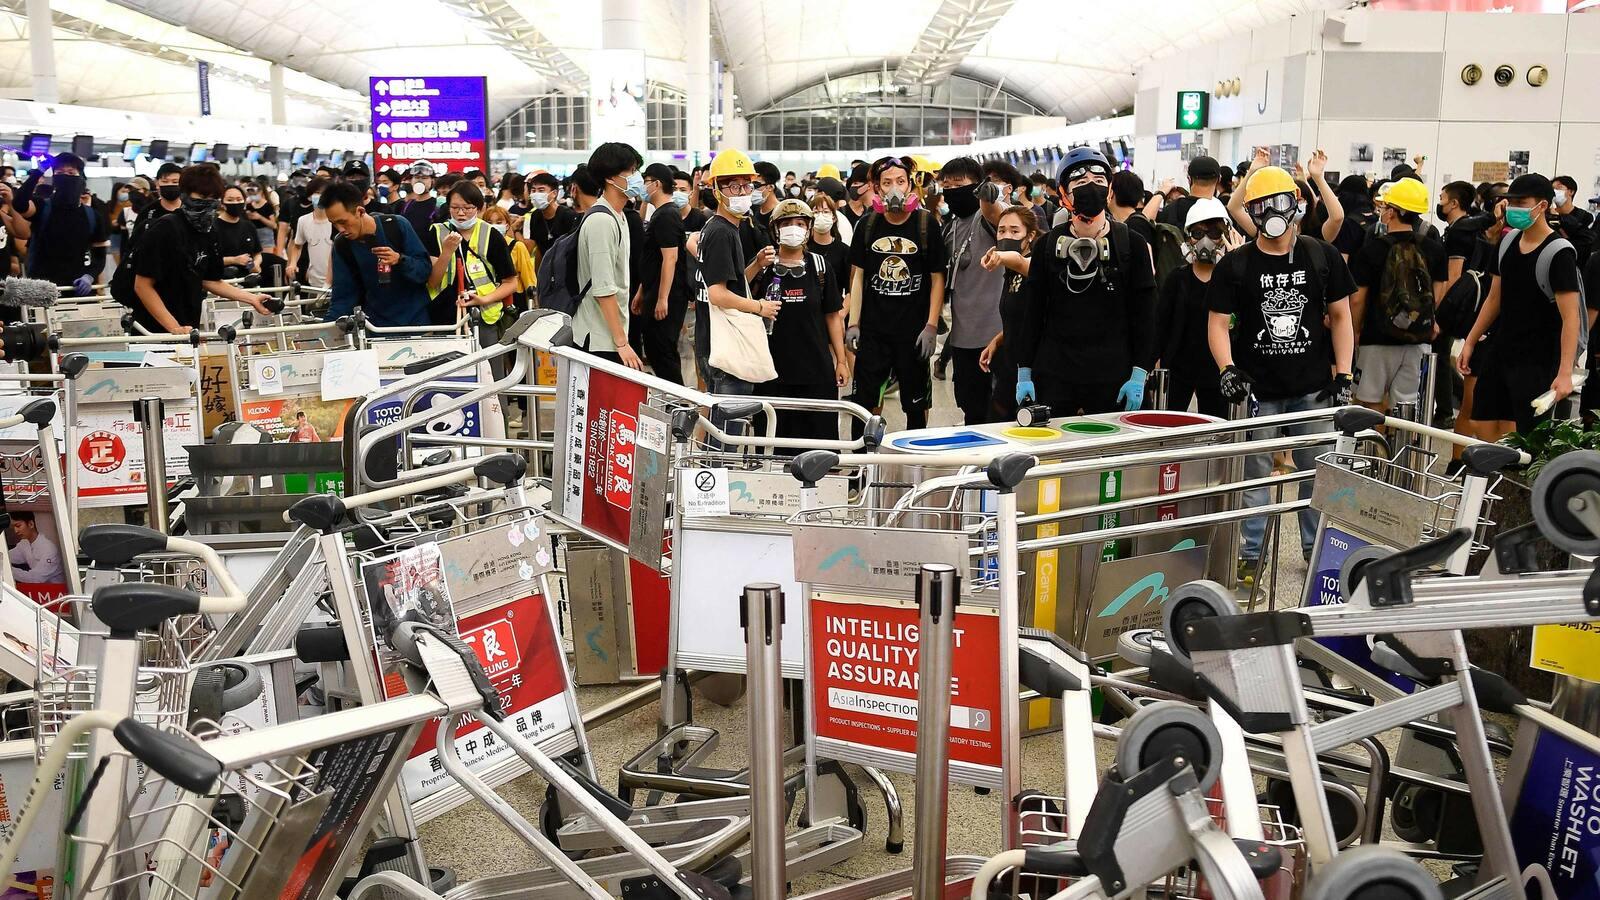 香港デモが「第2の天安門」を避ける道はあるか 暴力行為は絶対に避けるべきだ